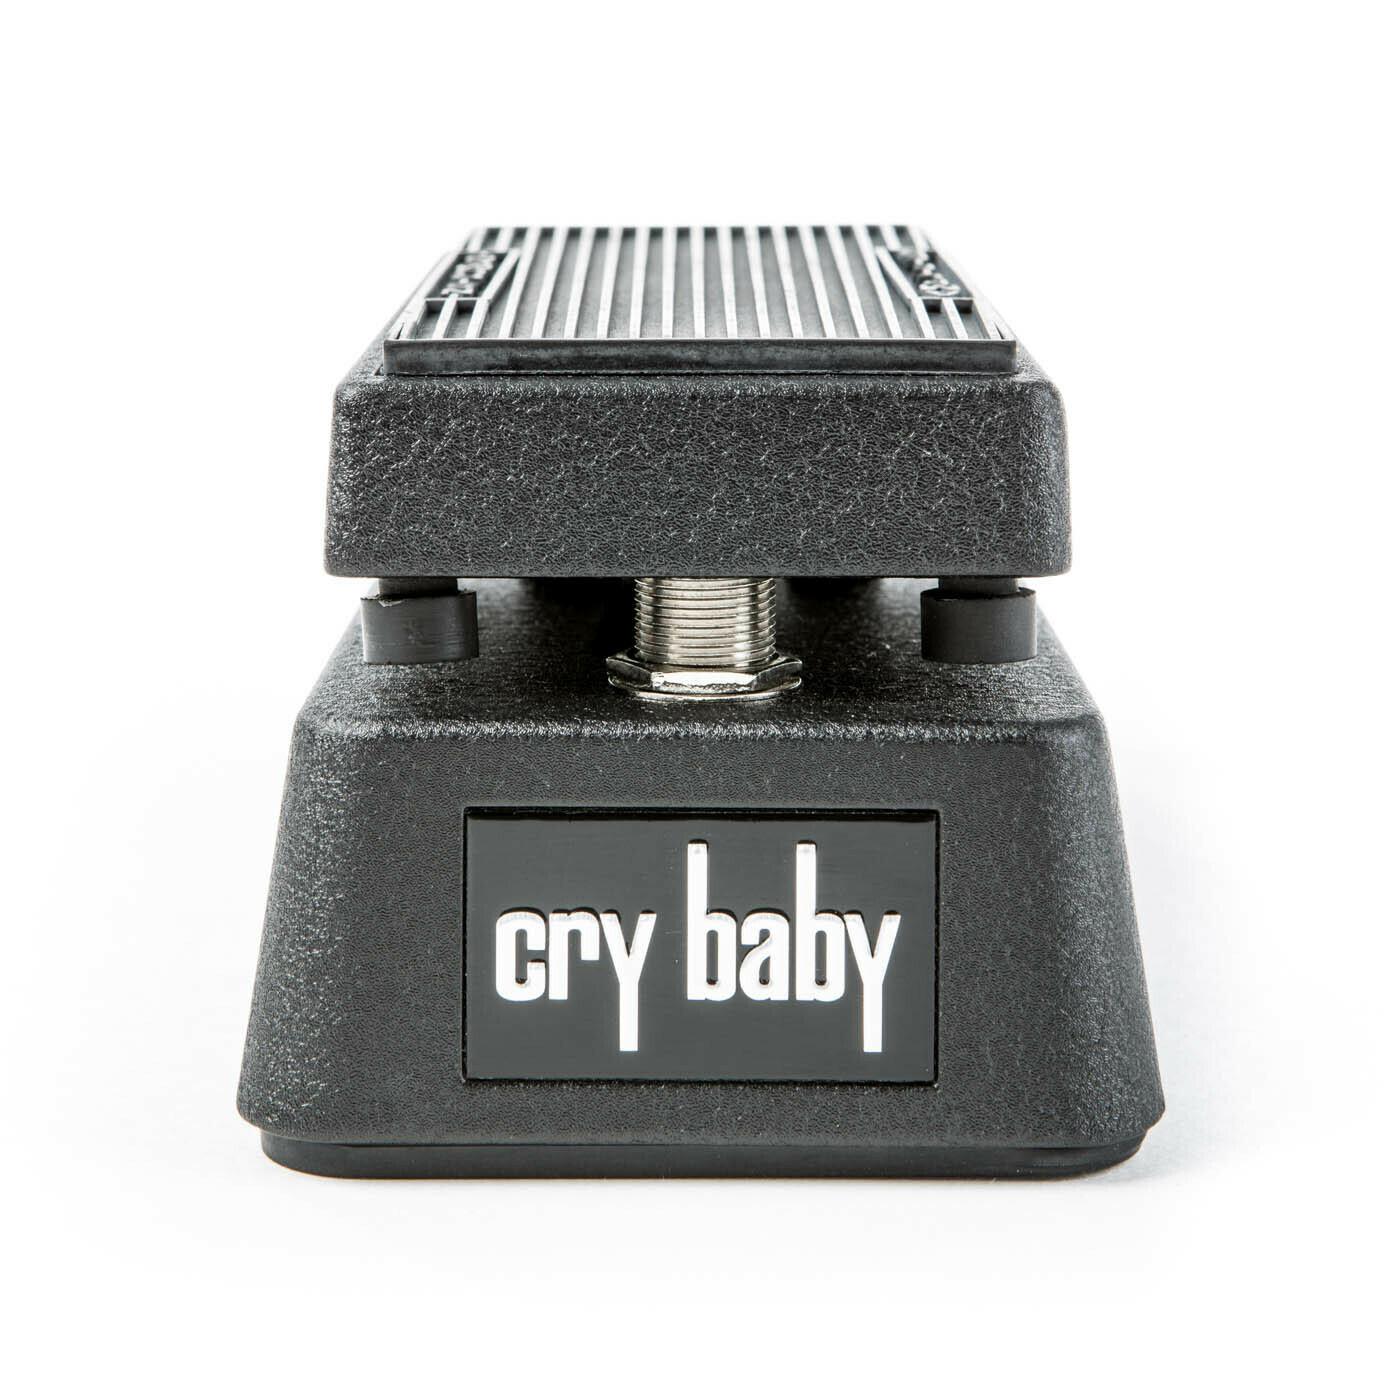 Cry Baby® Mini Wah